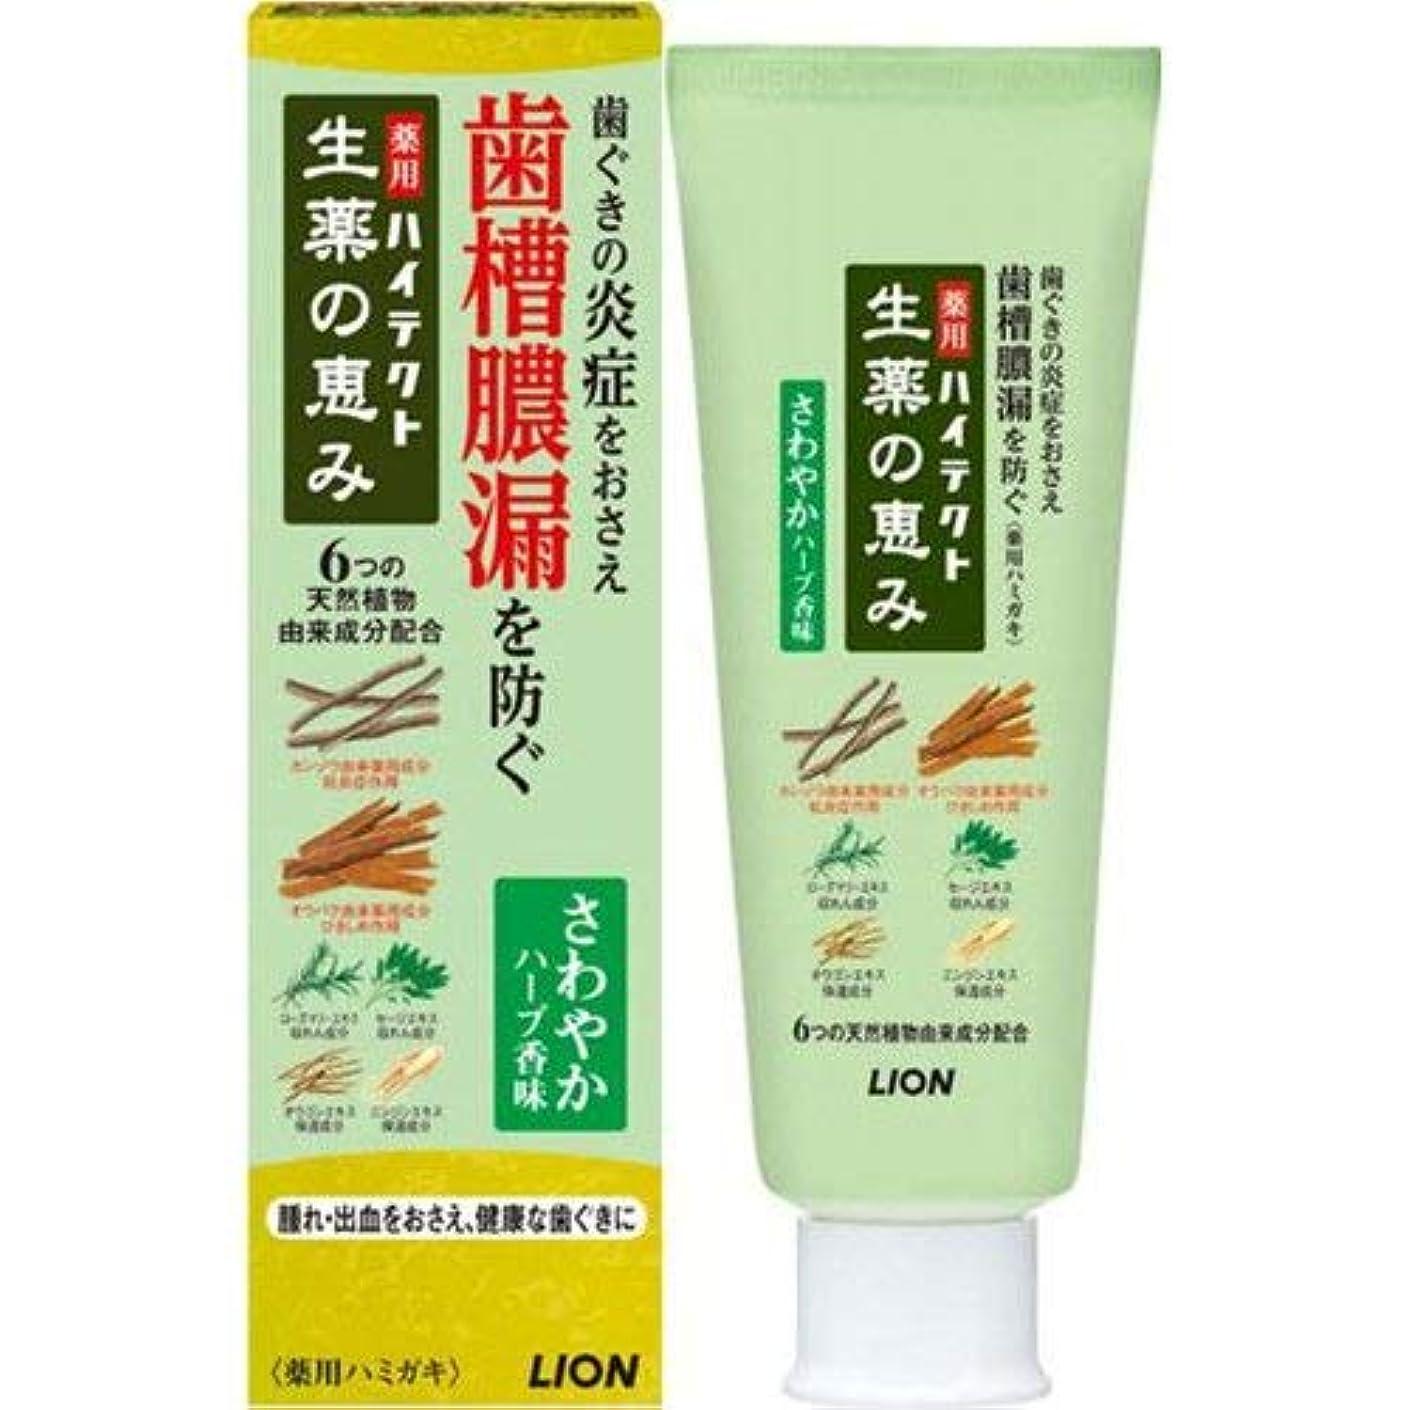 石膏プレフィックス美容師【ライオン】ハイテクト 生薬の恵み さわやかハーブ香味90g×5個セット